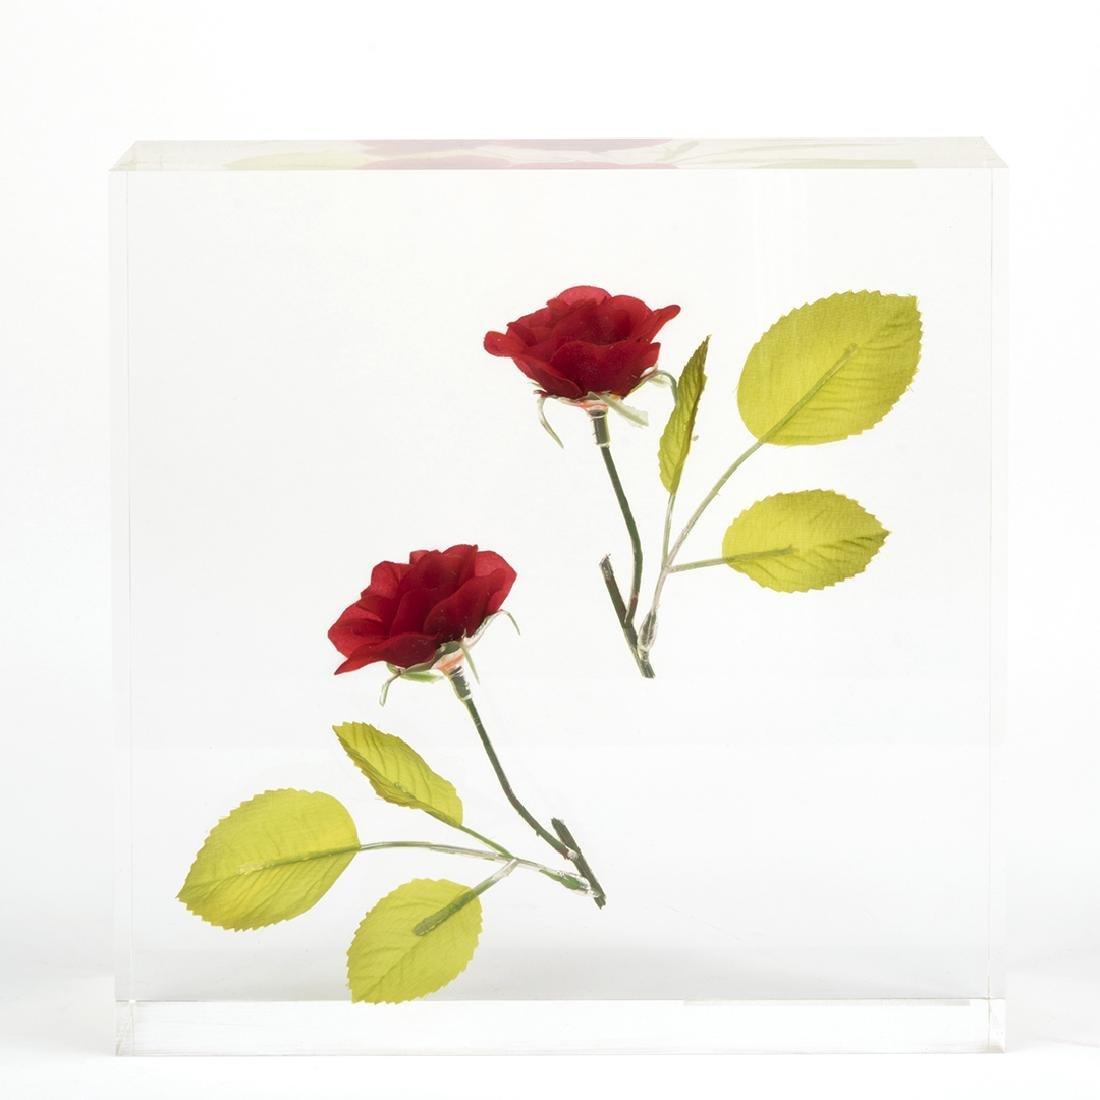 Shiro Kuramata Sealing of Roses - 2